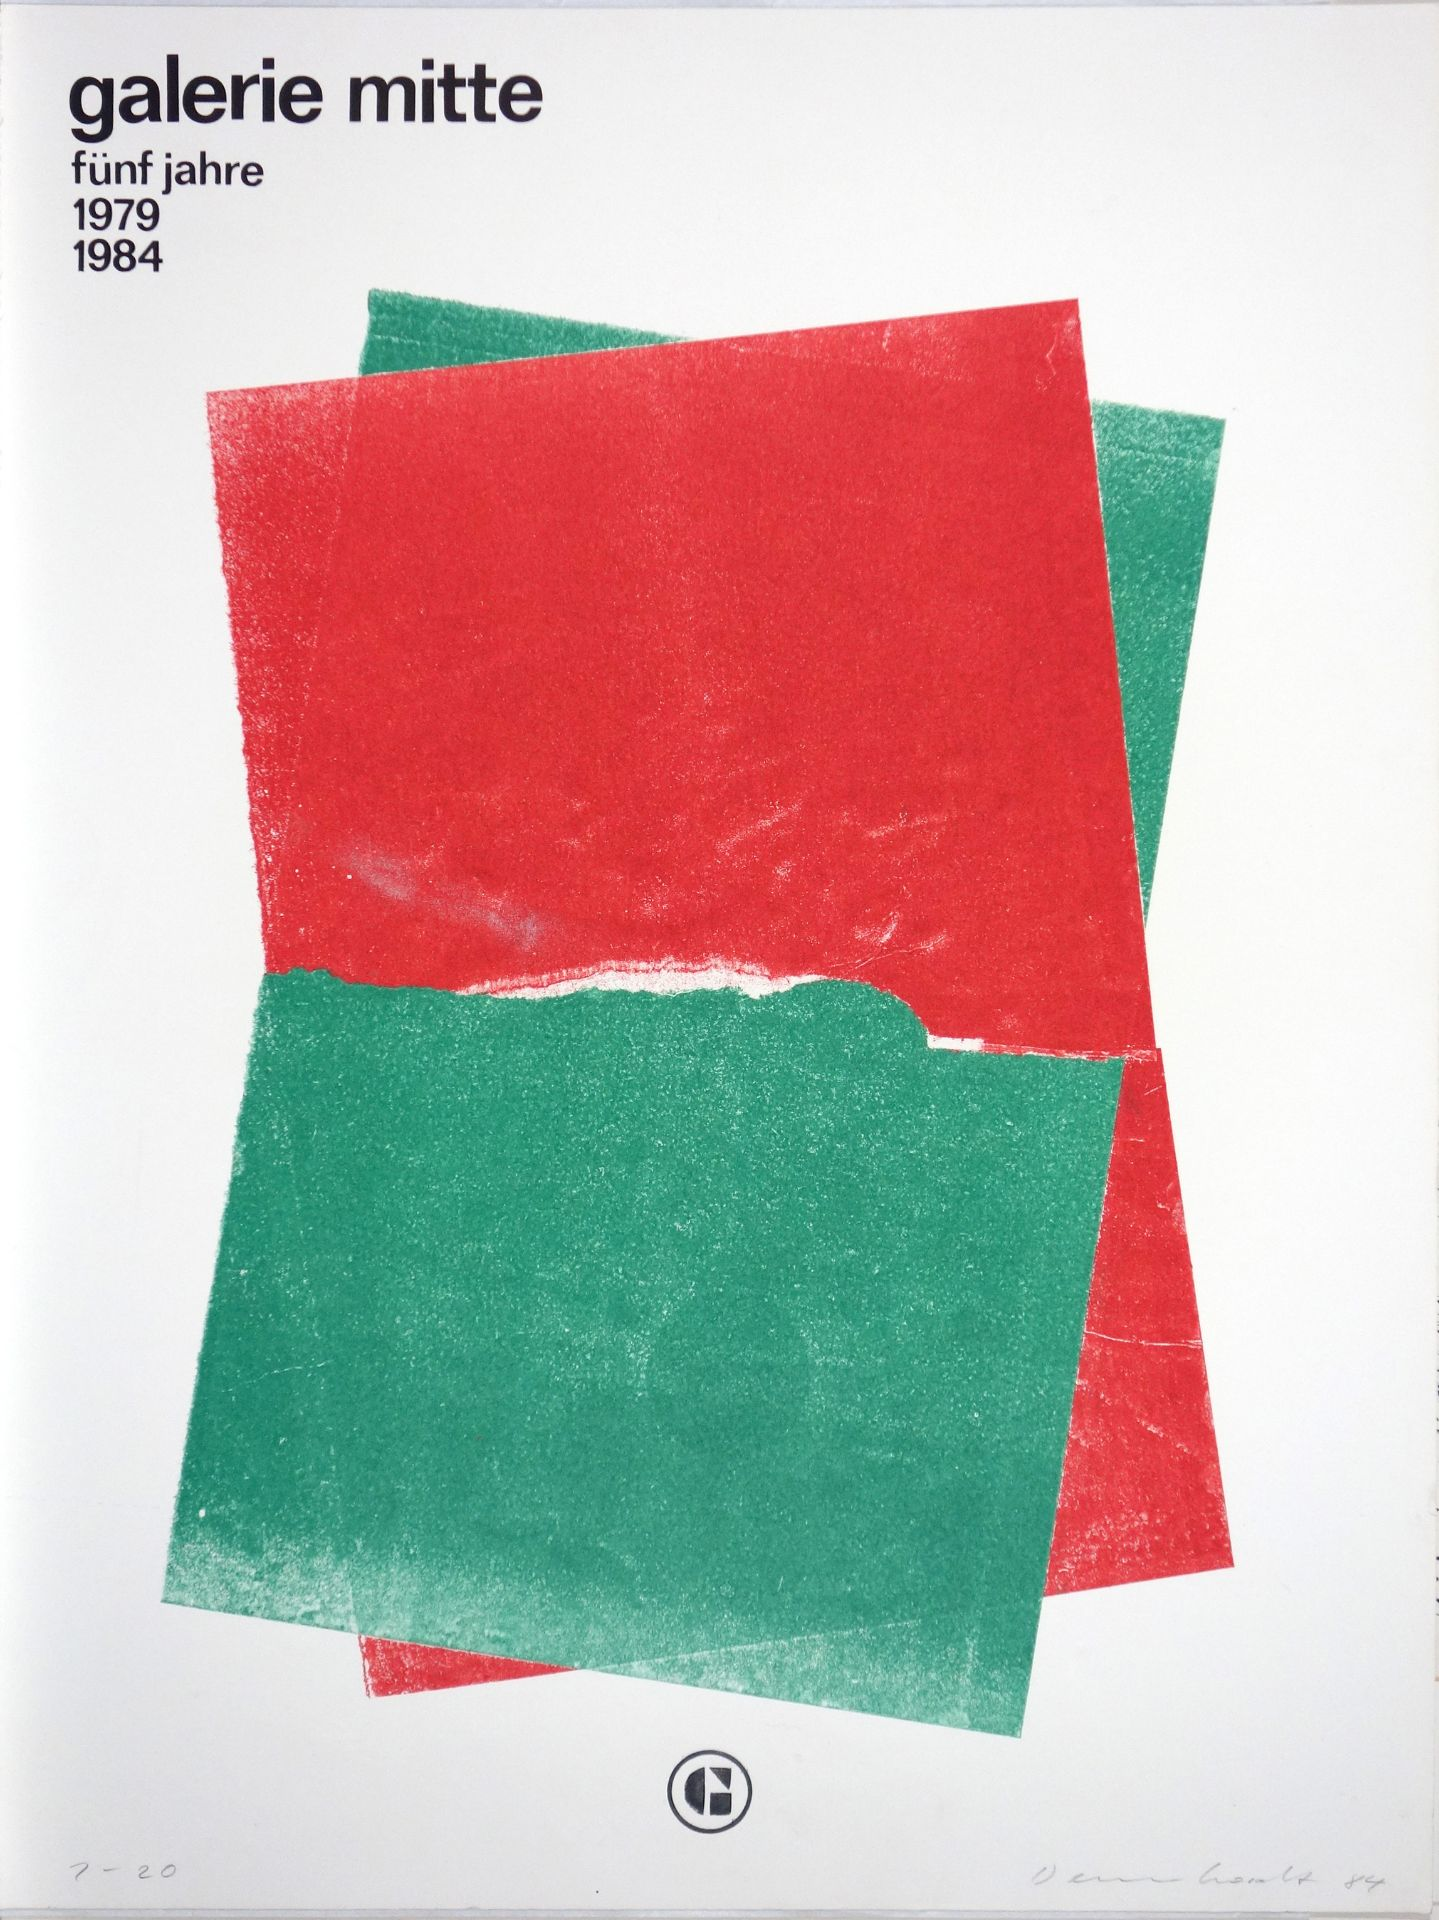 Klaus Dennhardt (*1941) galerie mitte fünf jahre 1979 - 1984 (1984)